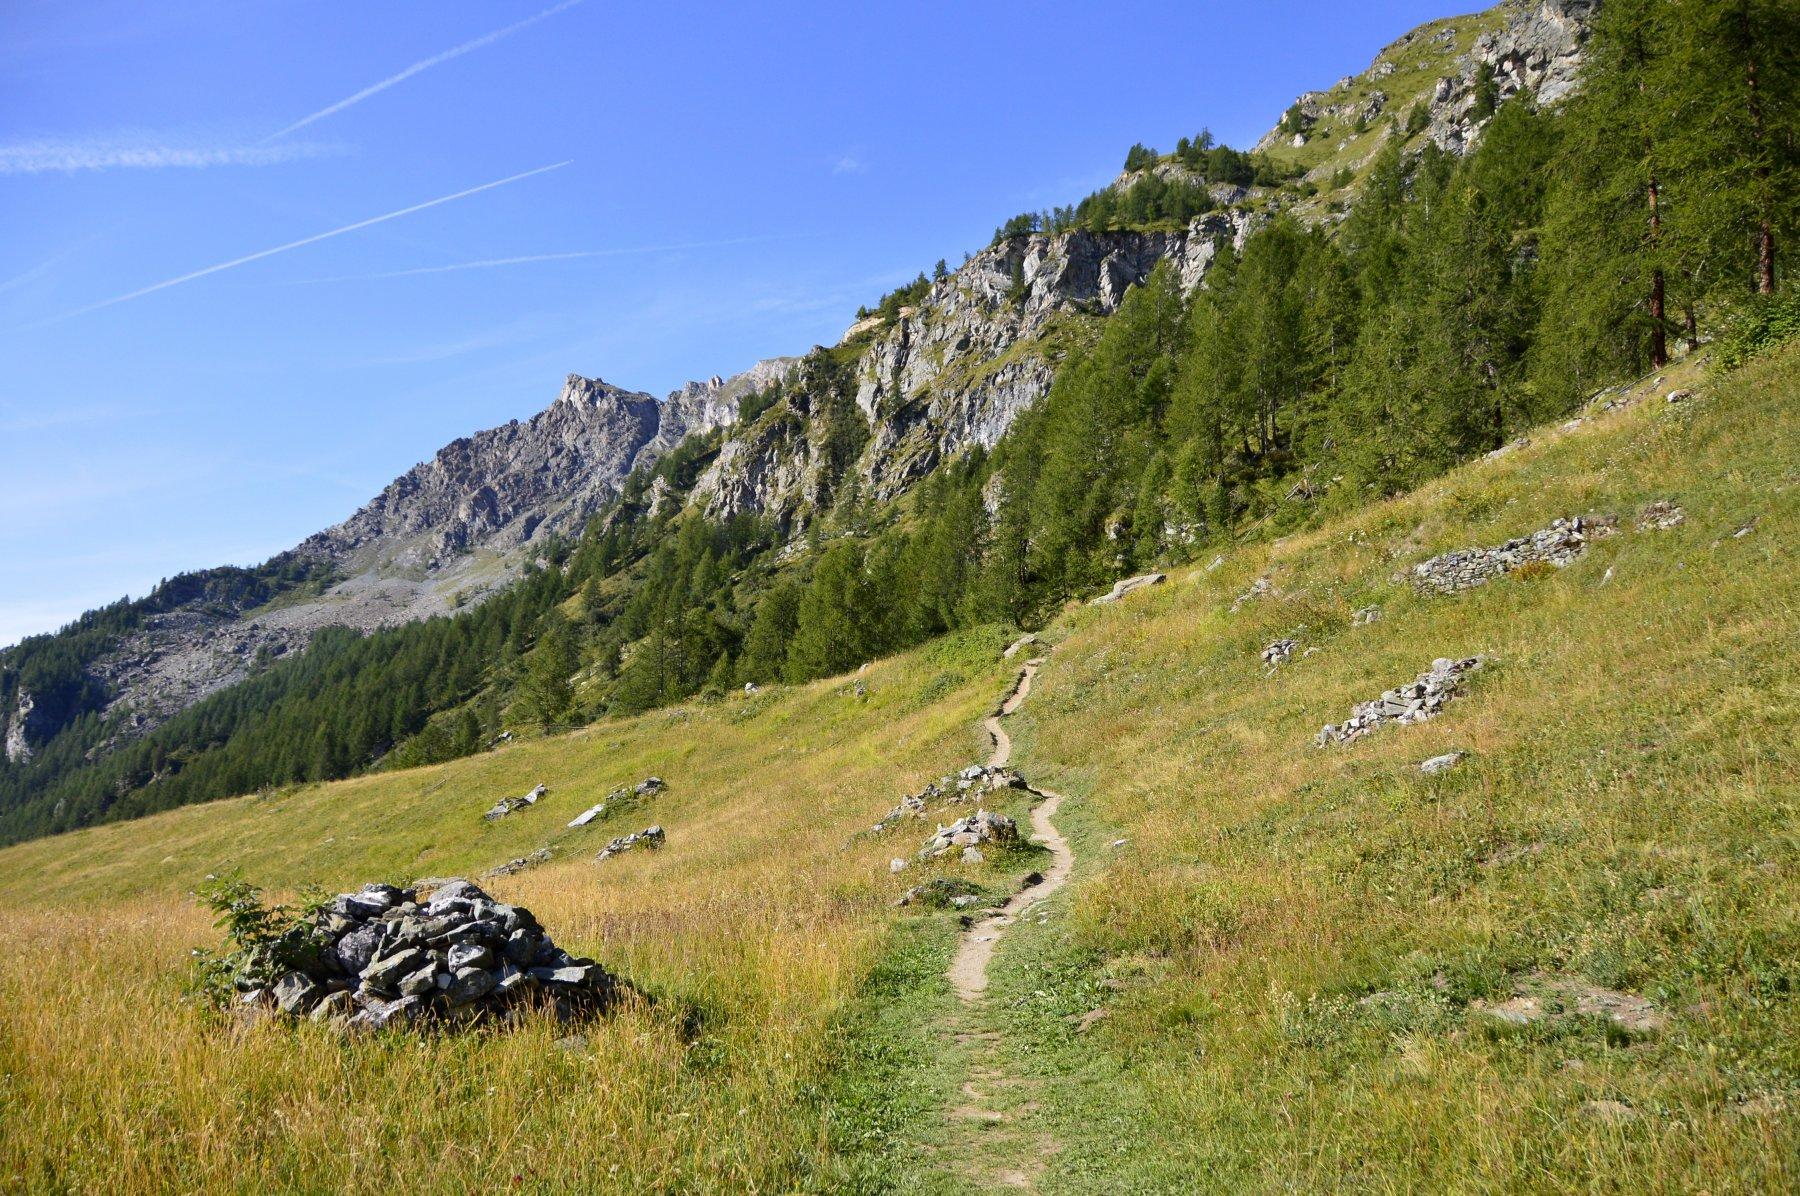 Prima parte del sentiero, con il Pancherot sullo sfondo.